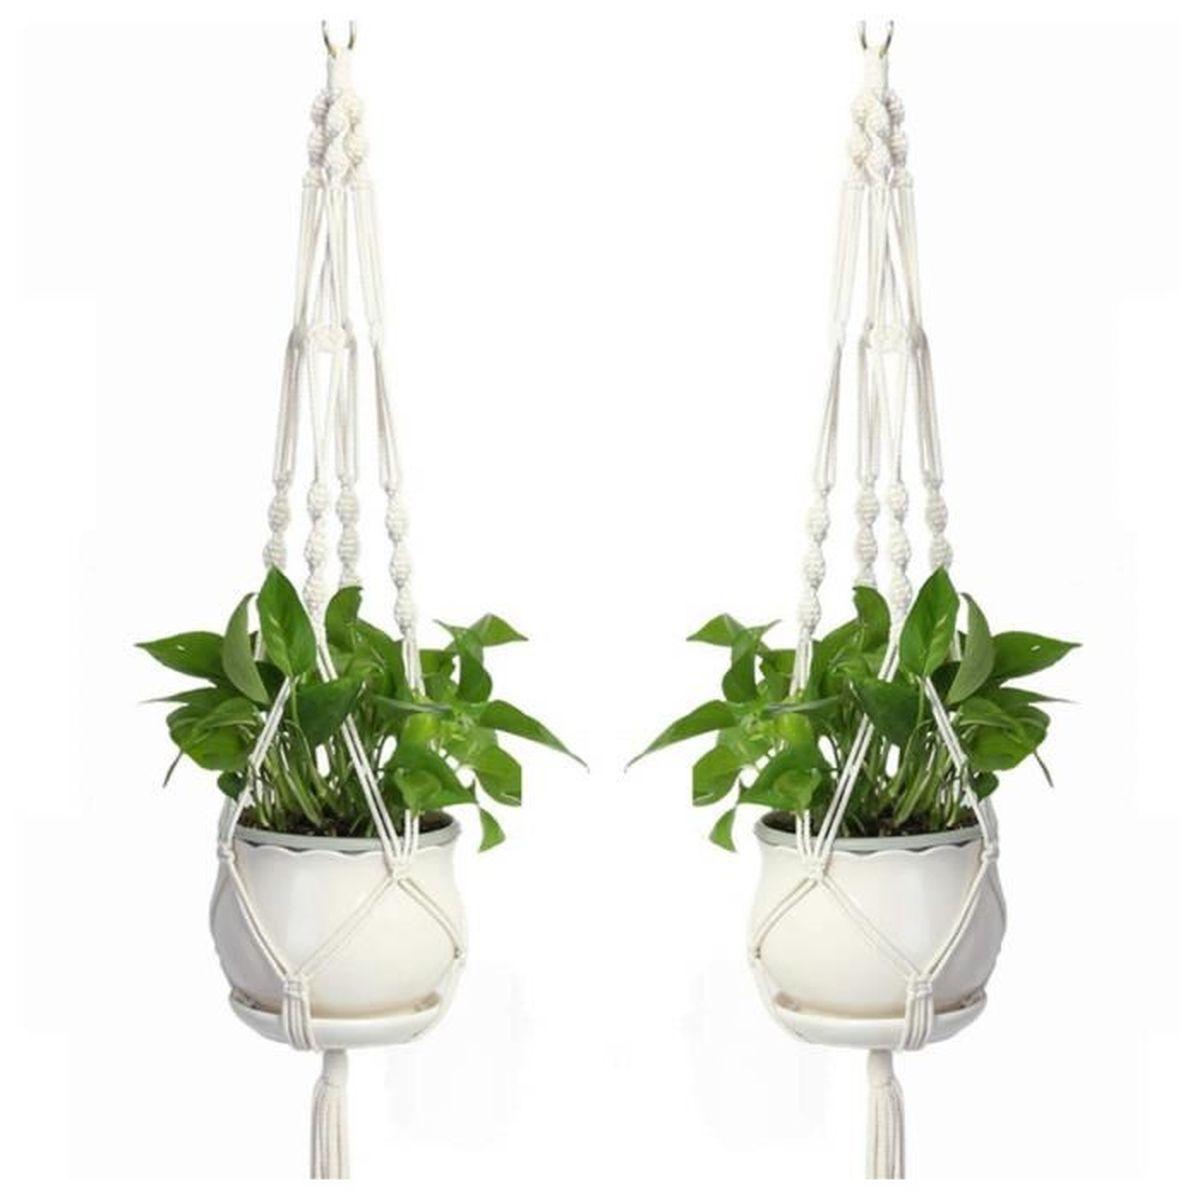 Suspension Pour Plantes D Intérieur 2pcs suspension macramé plante pour suspendre pot de fleur